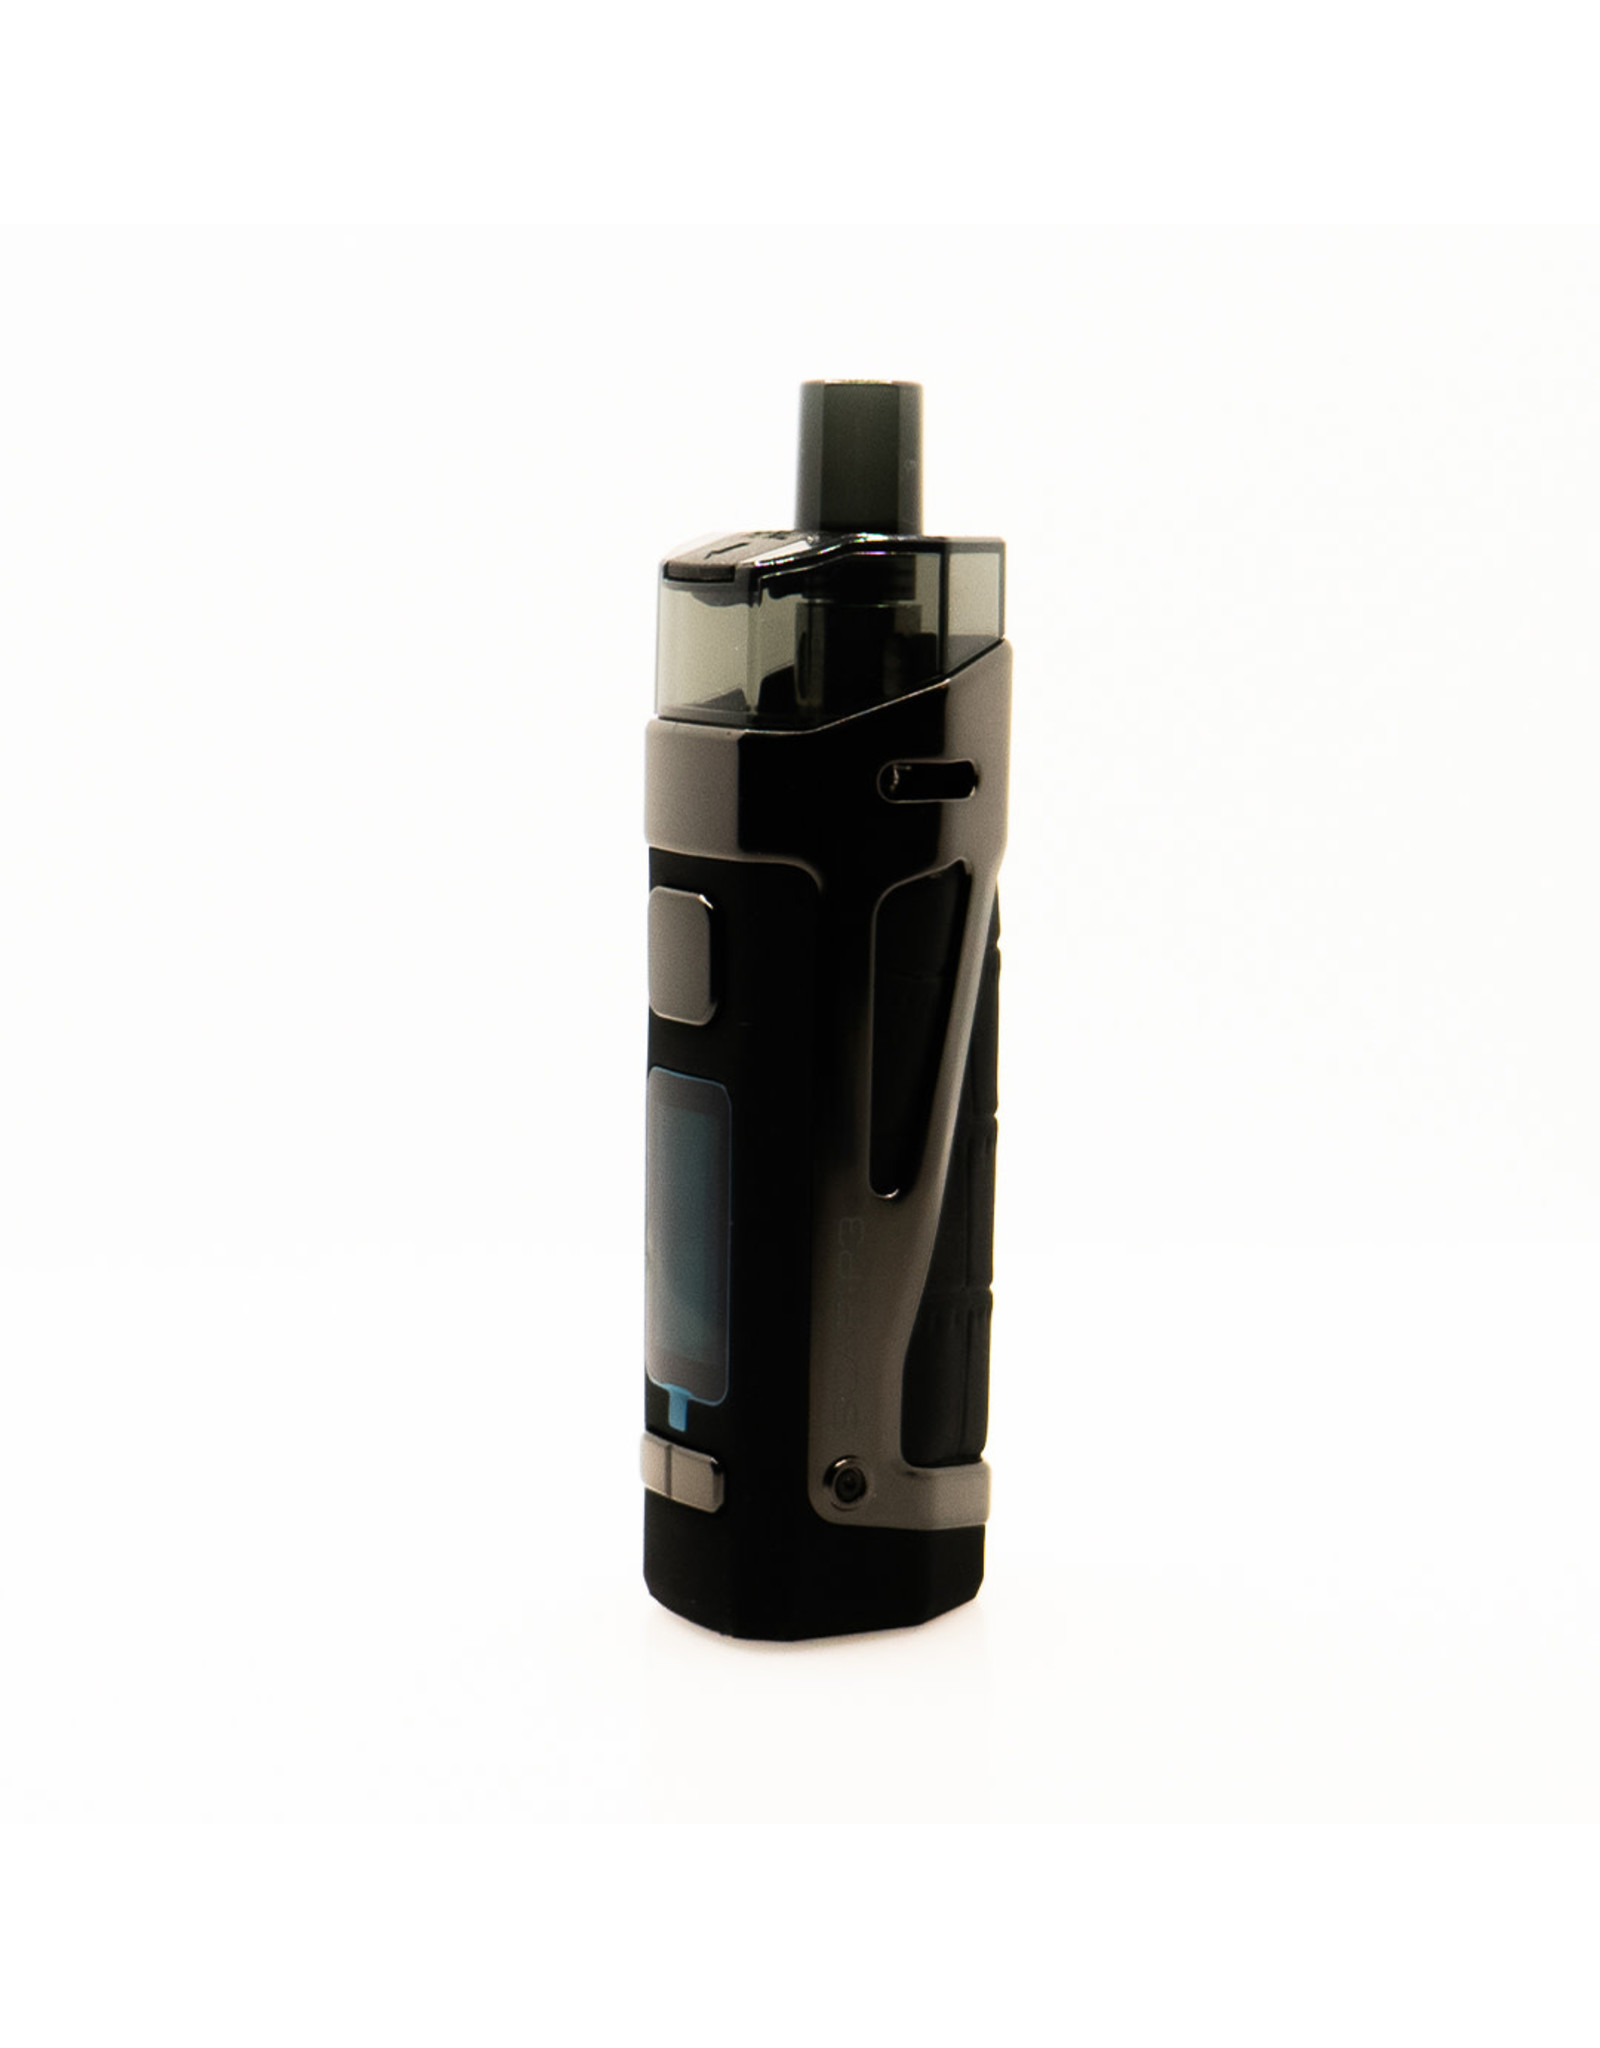 SMOK SMOK: SCAR P3 Kit-